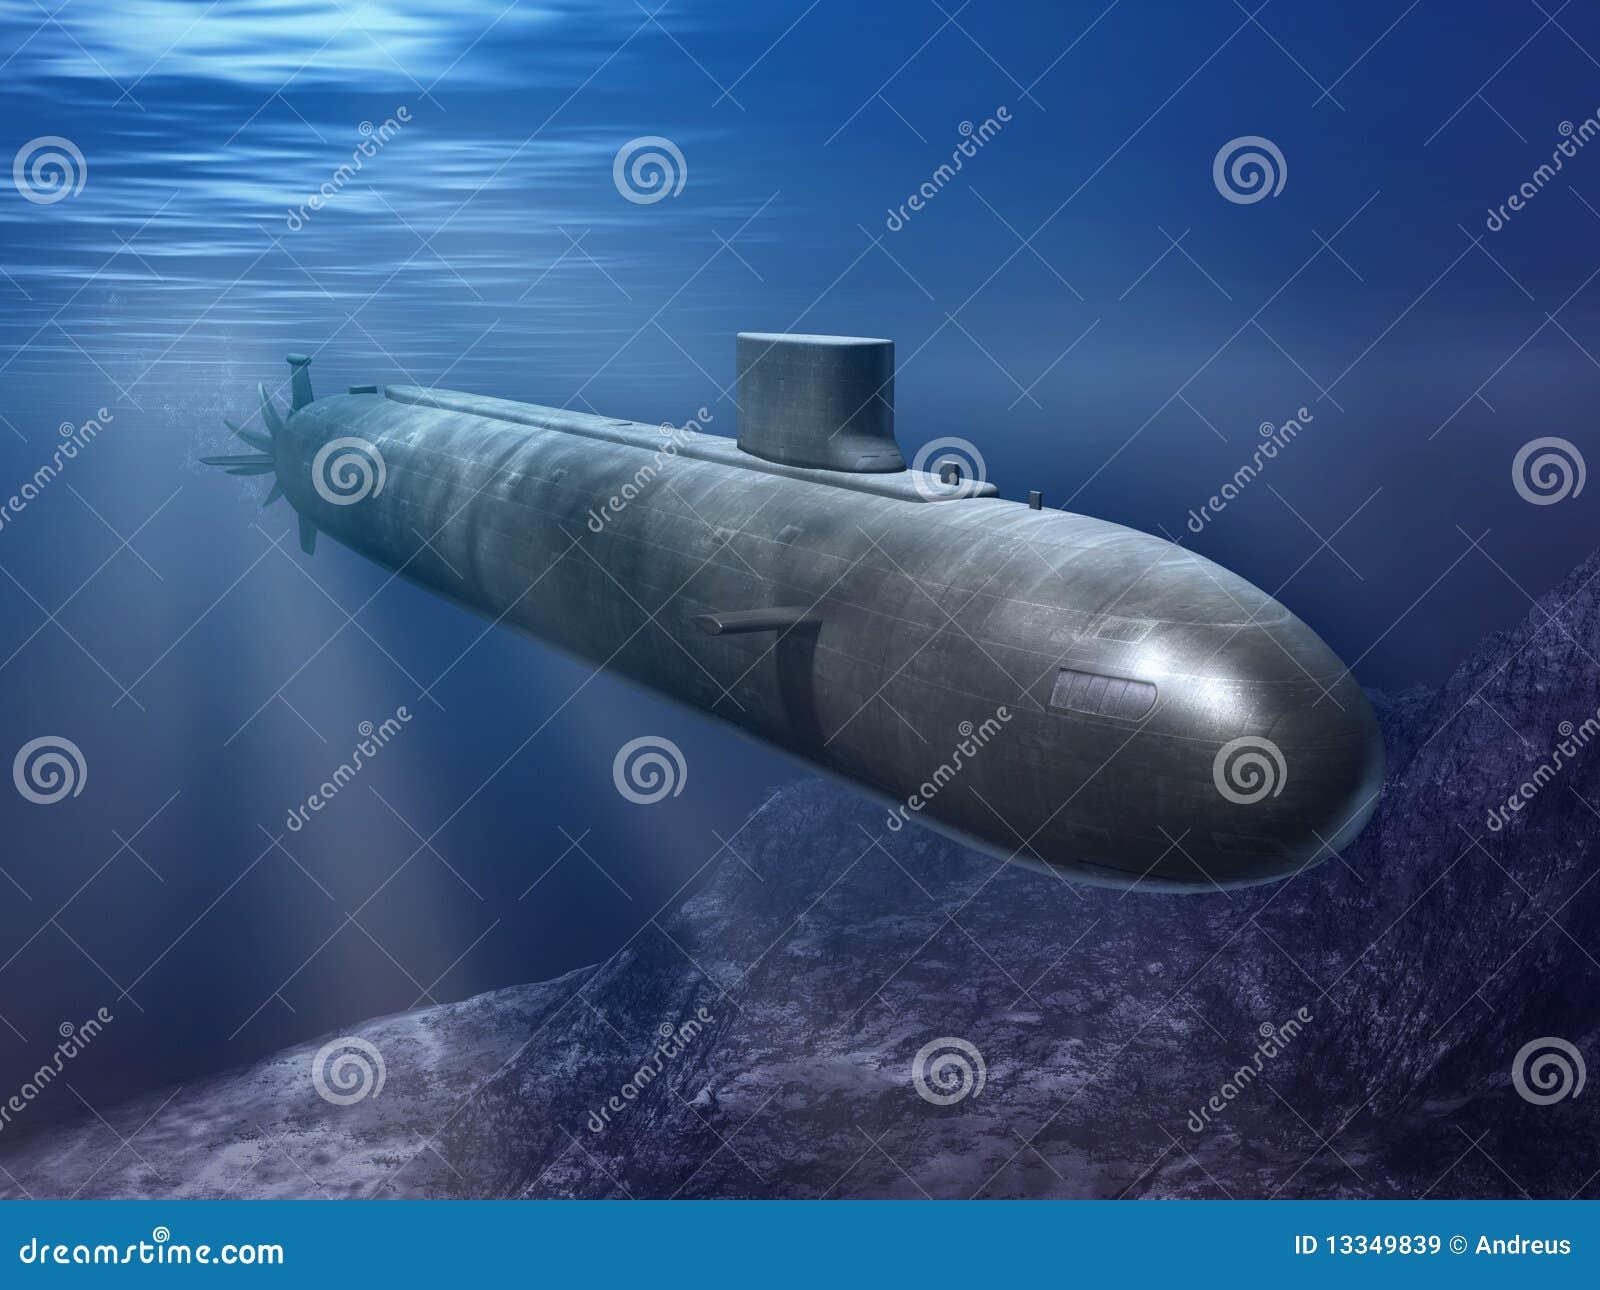 Sousmarin nucléaire